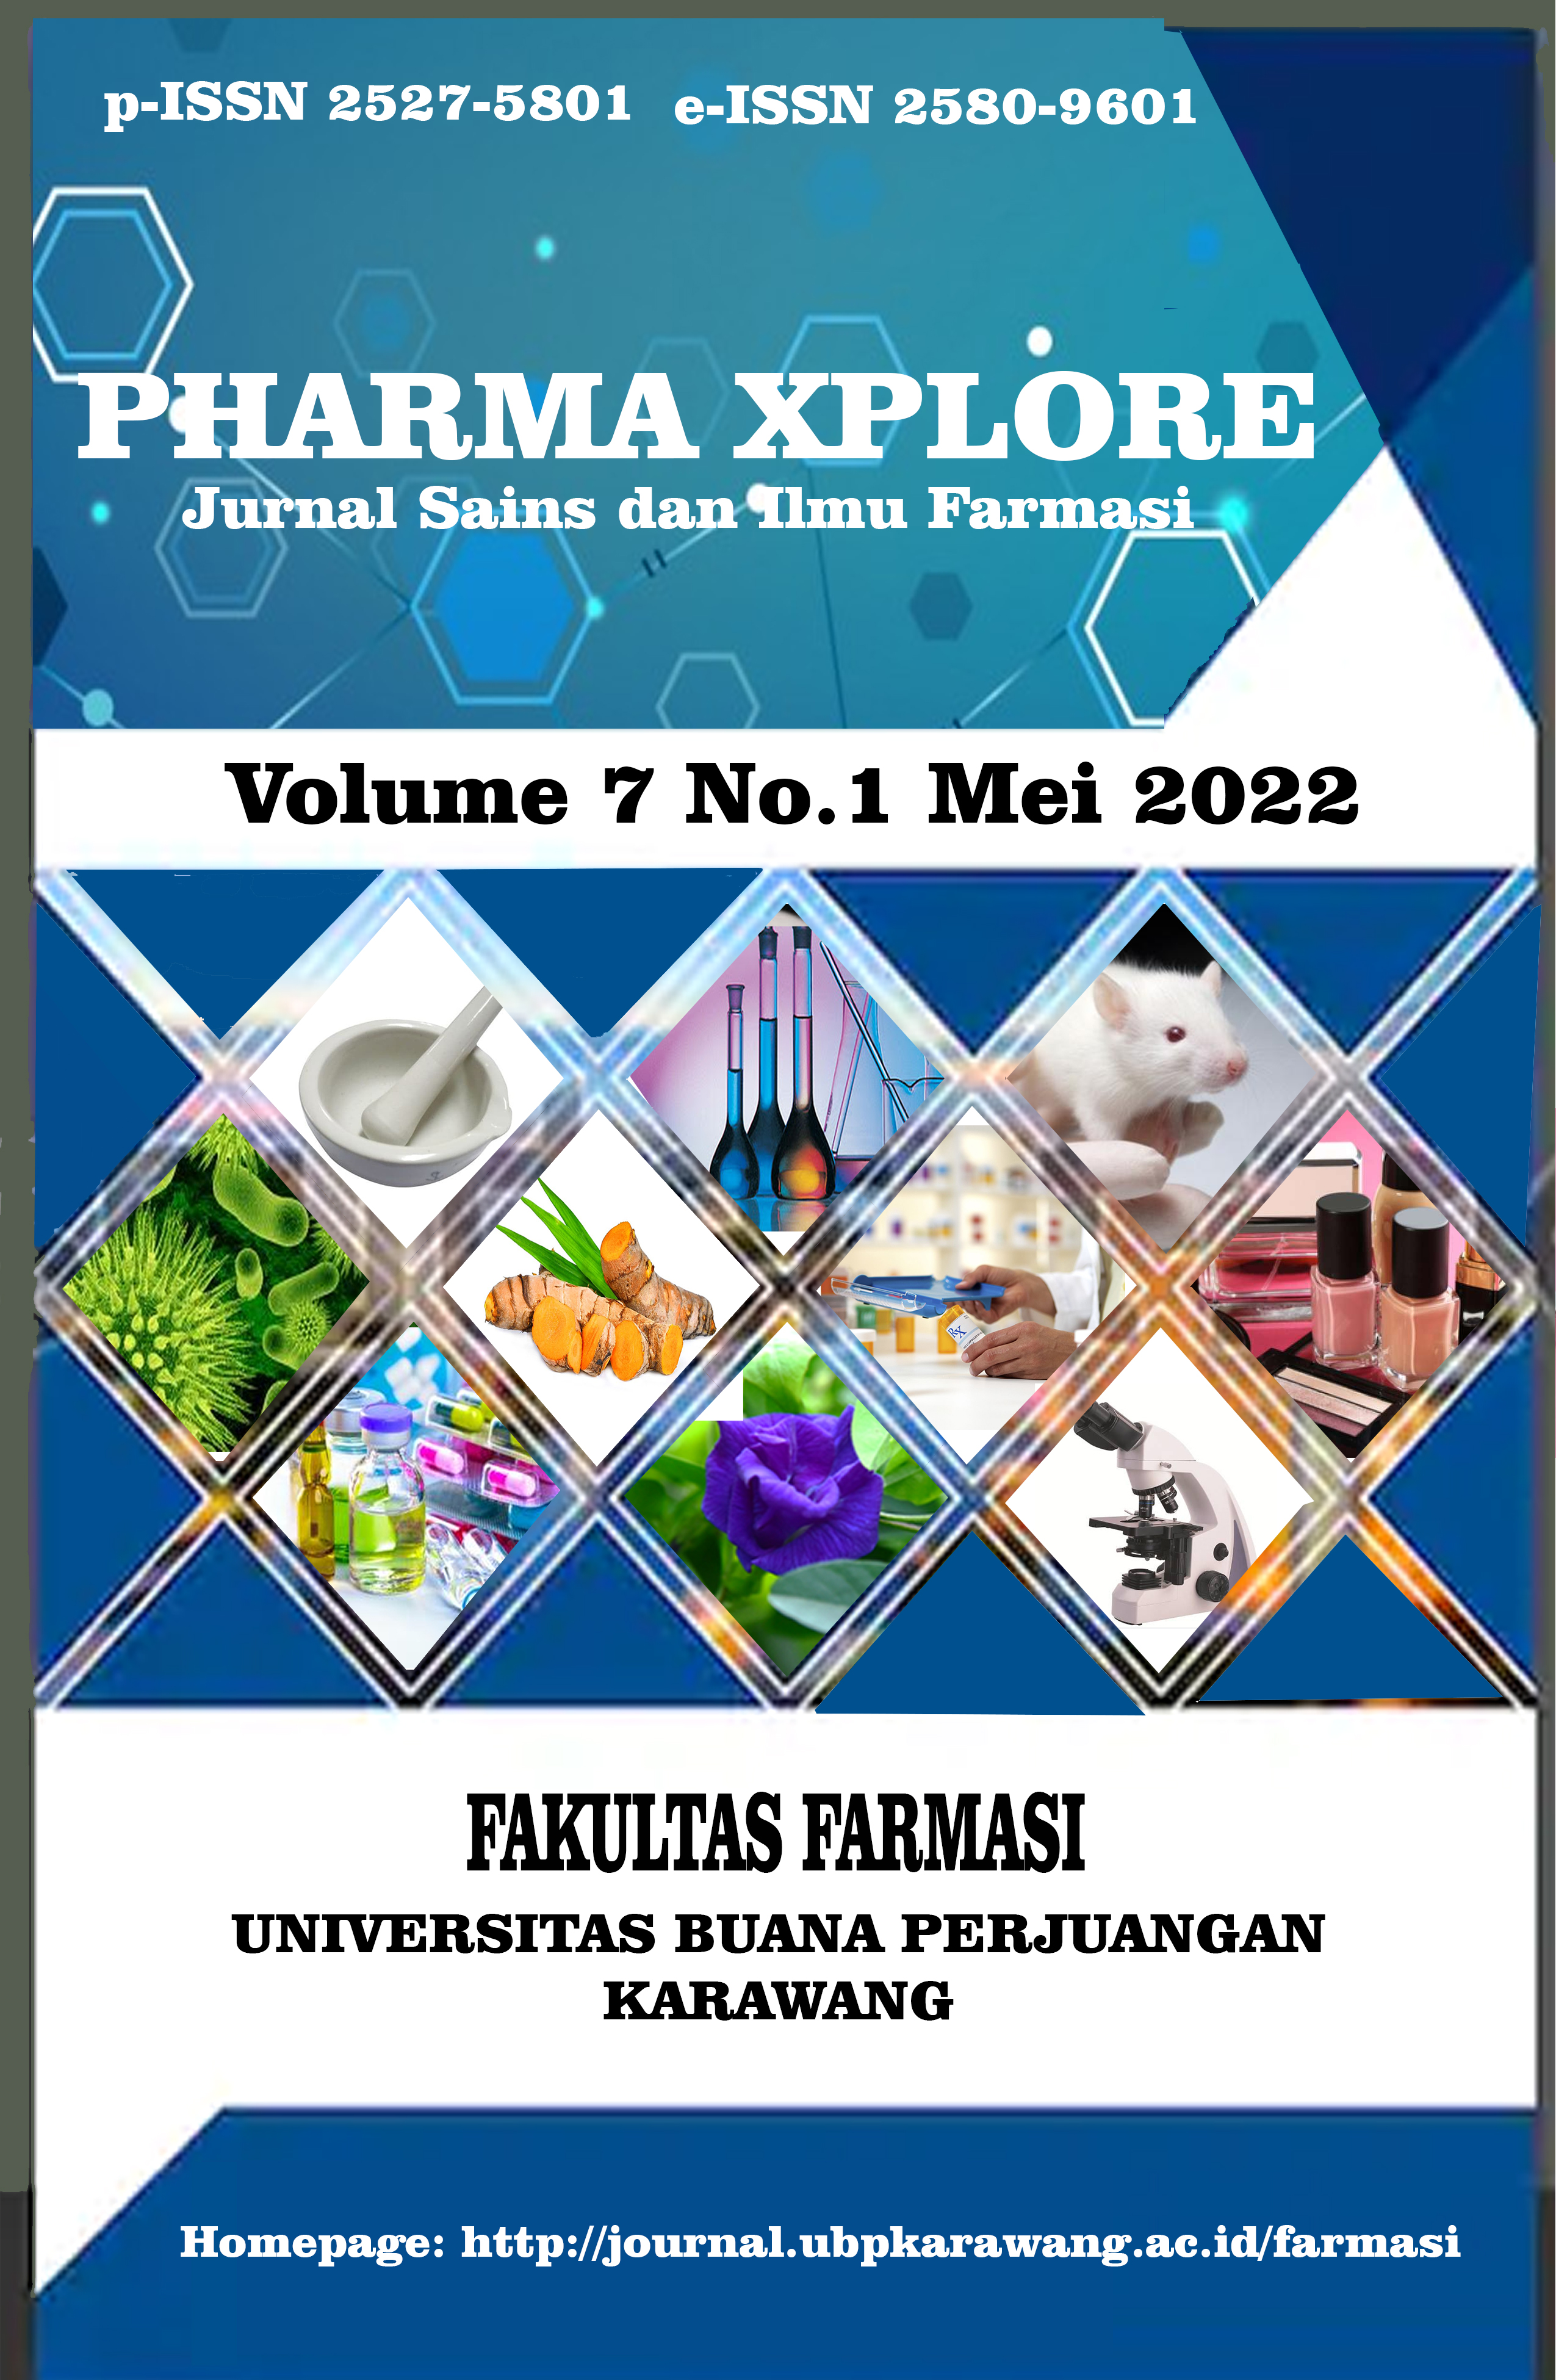 Pharma Xplore